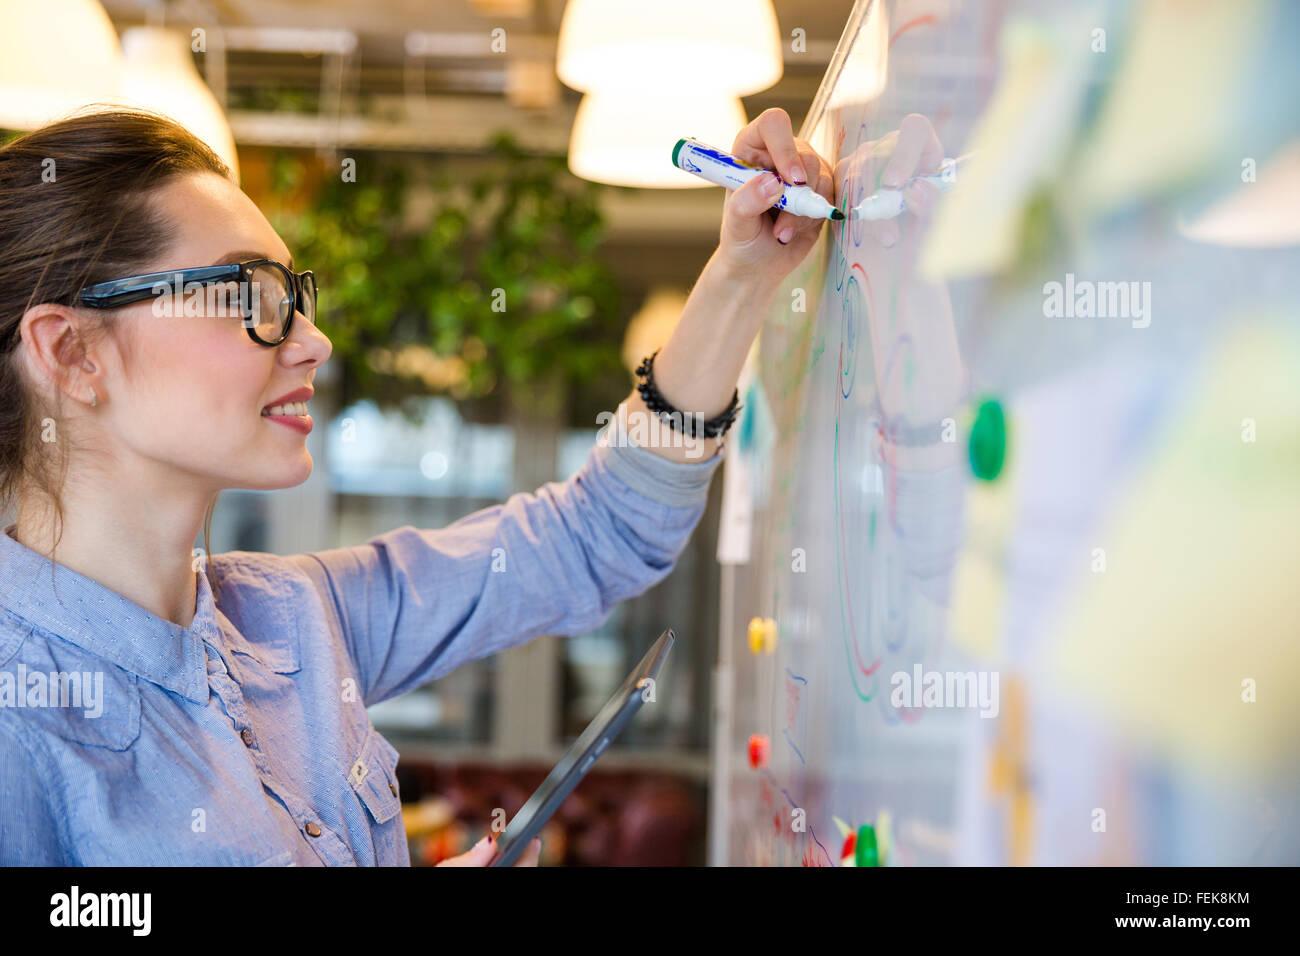 Lächeln, Geschäftsfrau, etwas zu schreiben, auf Whiteboard im Büro Stockbild